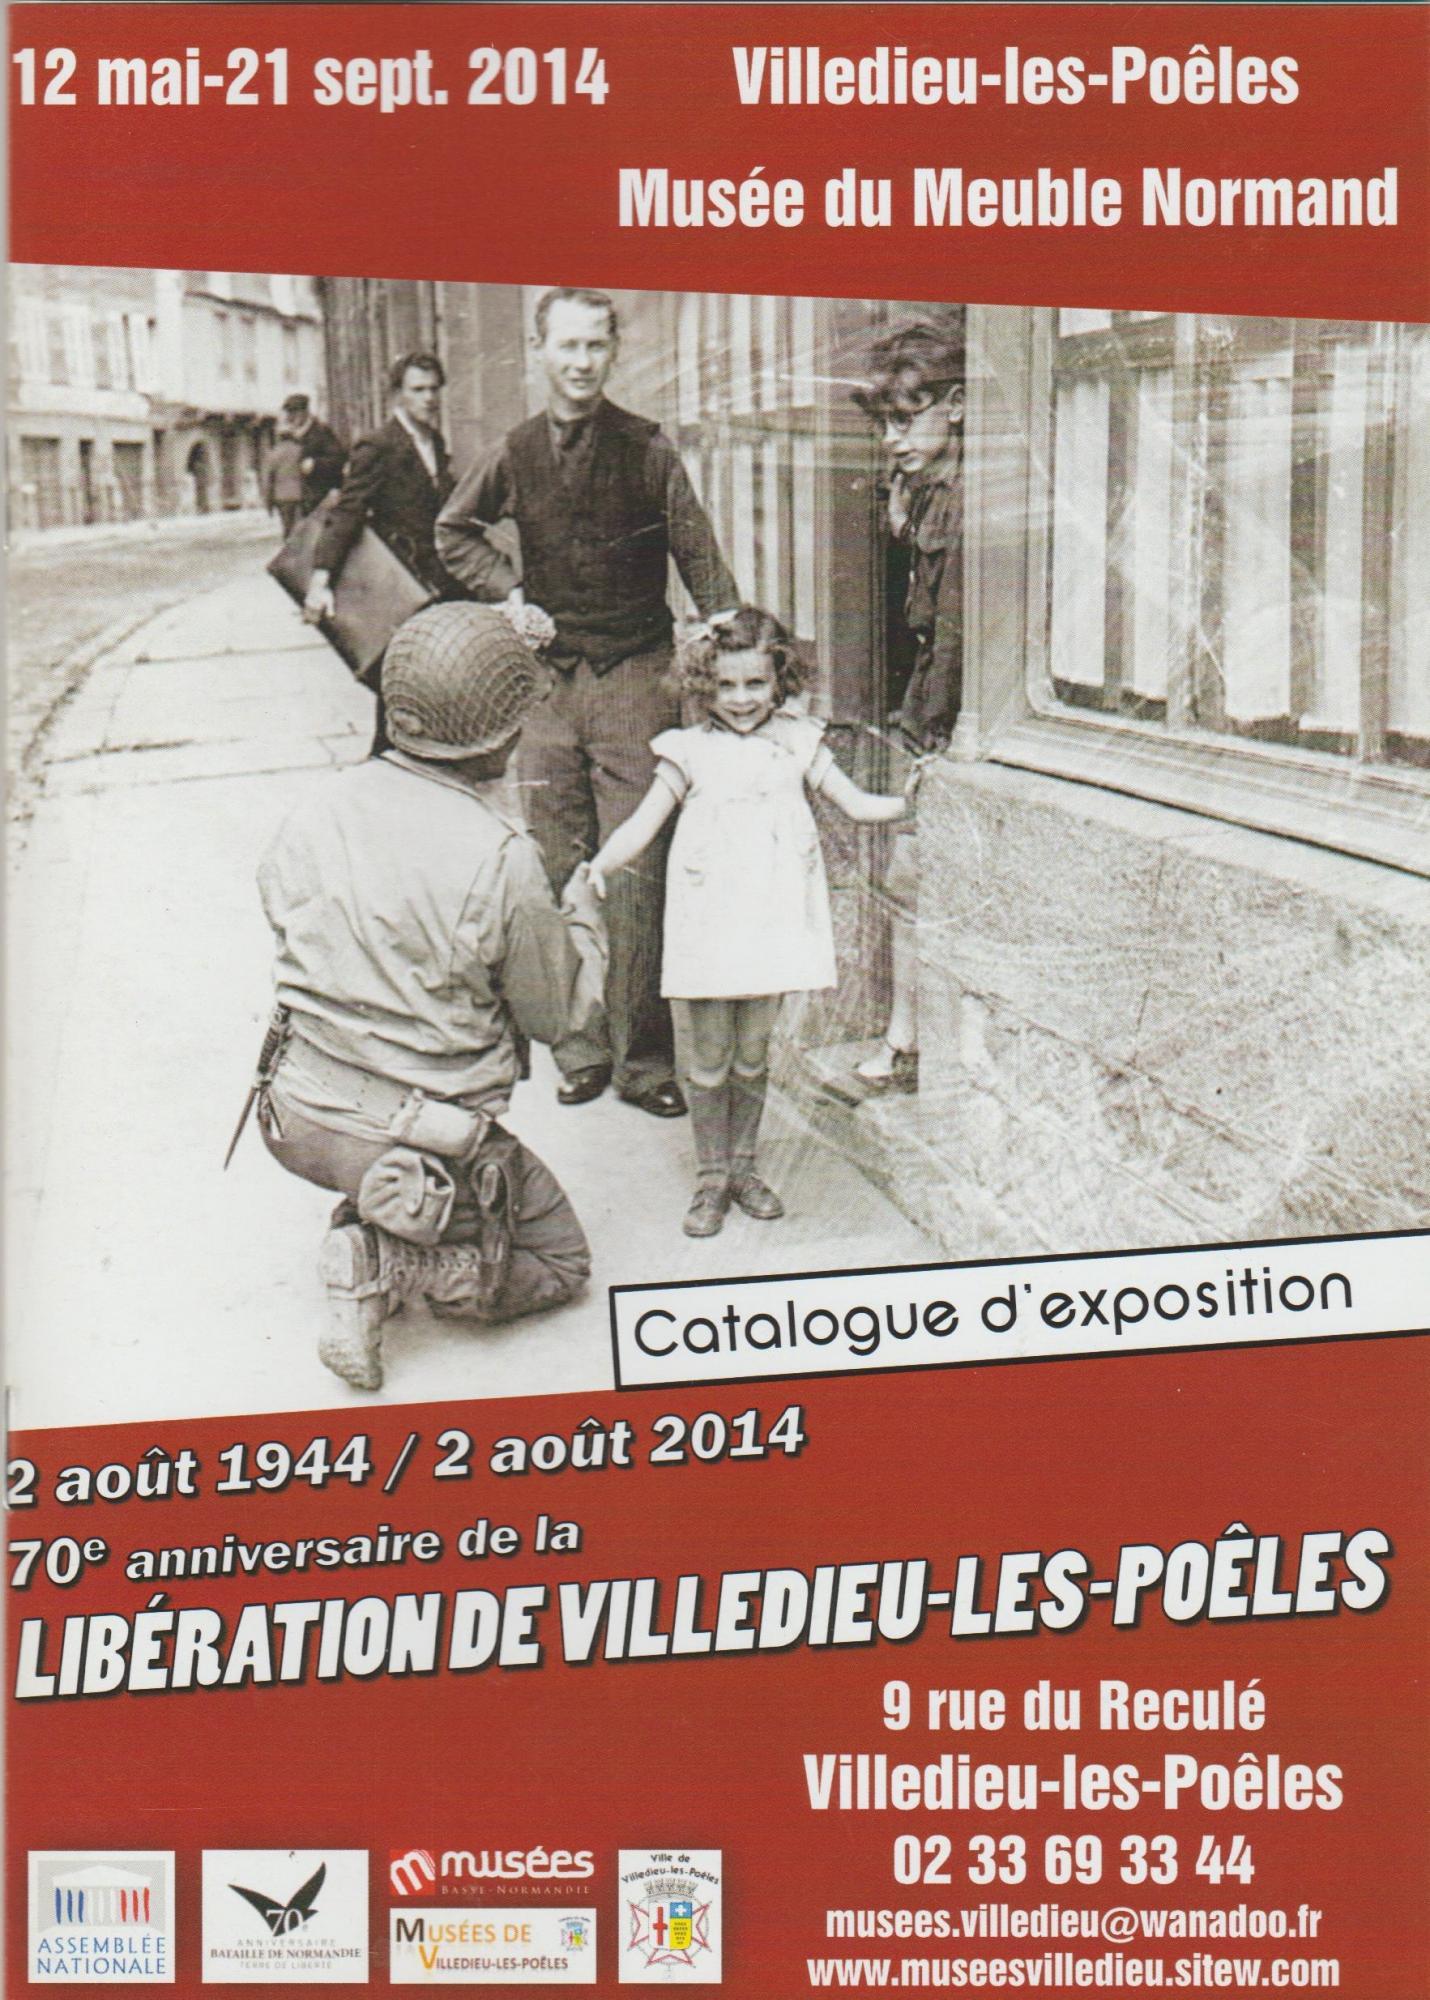 70e anniversaire de la Libération de Villedieu-Les-Poêles